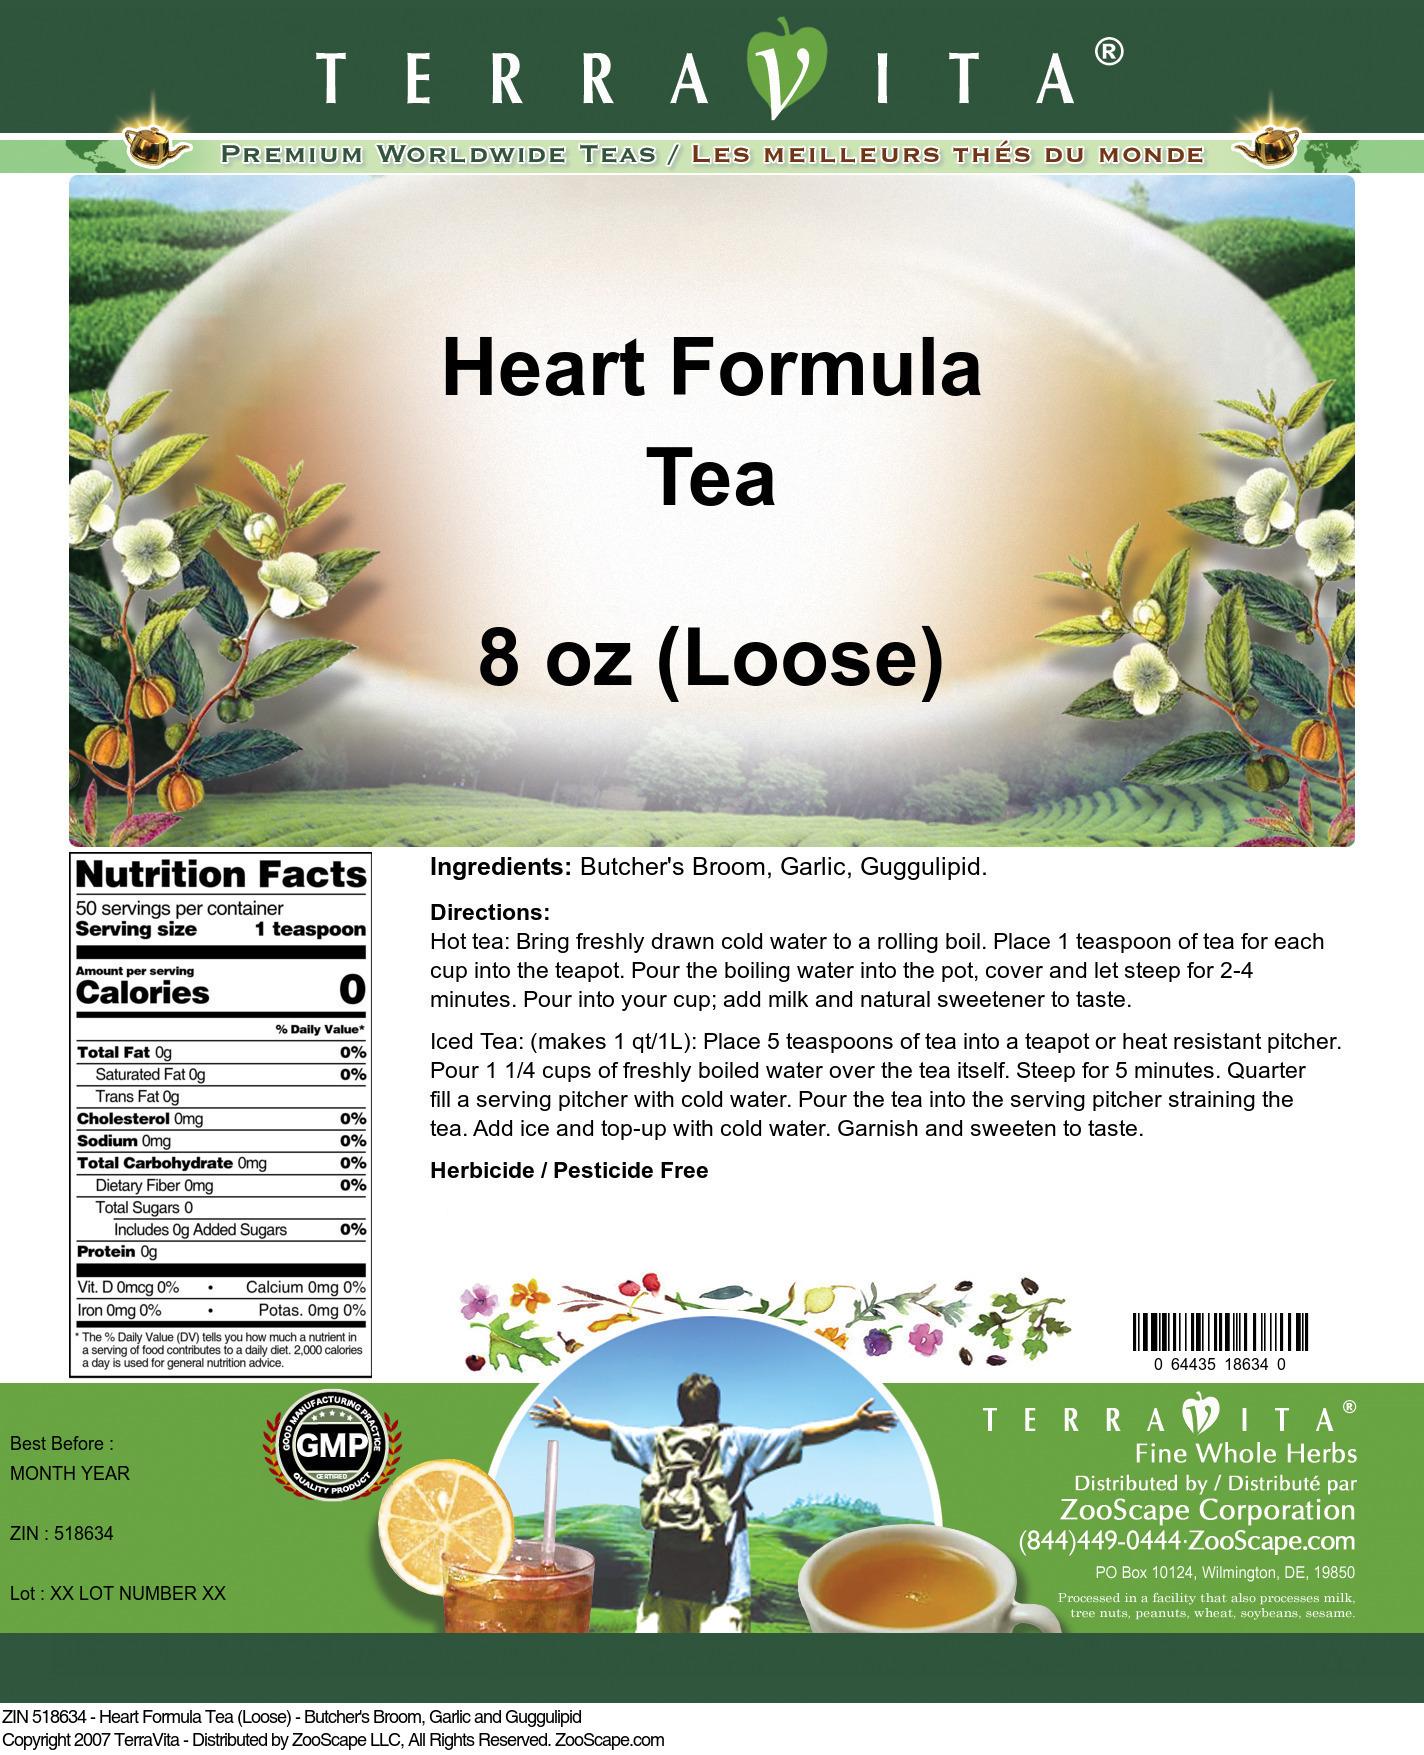 Heart Formula Tea (Loose) - Butcher's Broom, Garlic and Guggulipid